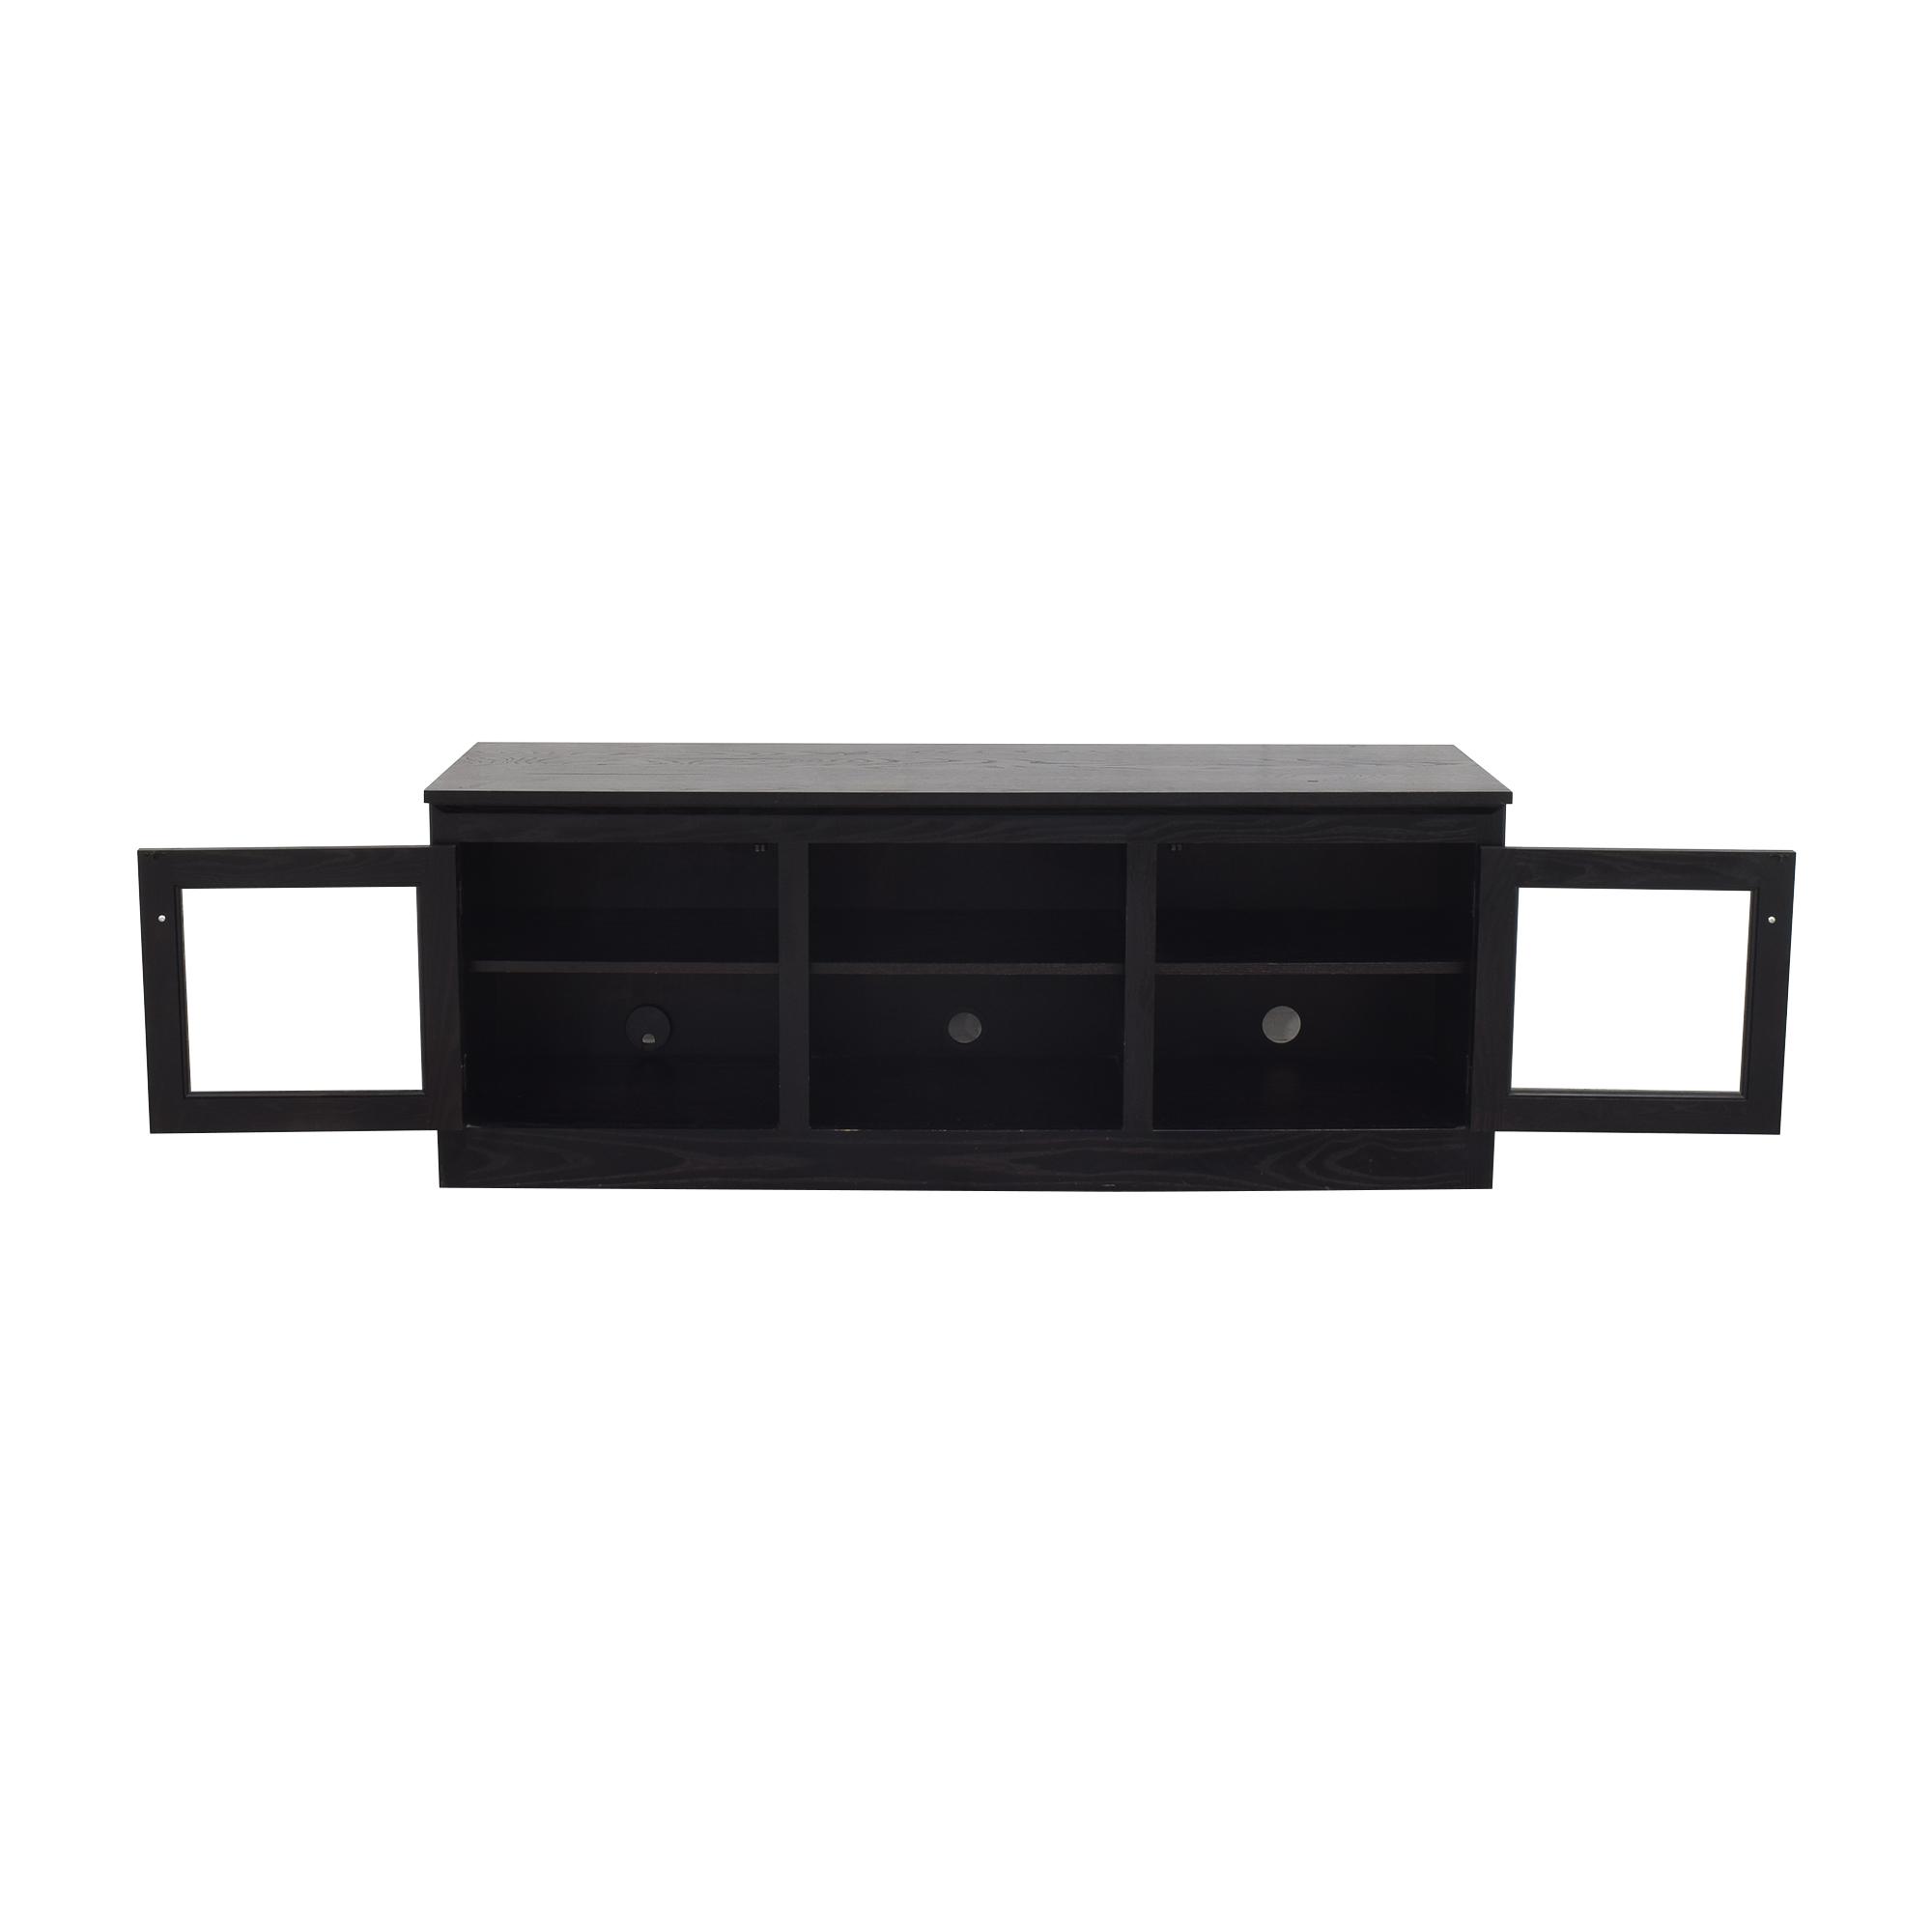 Crate & Barrel Crate & Barrel Media Console nyc